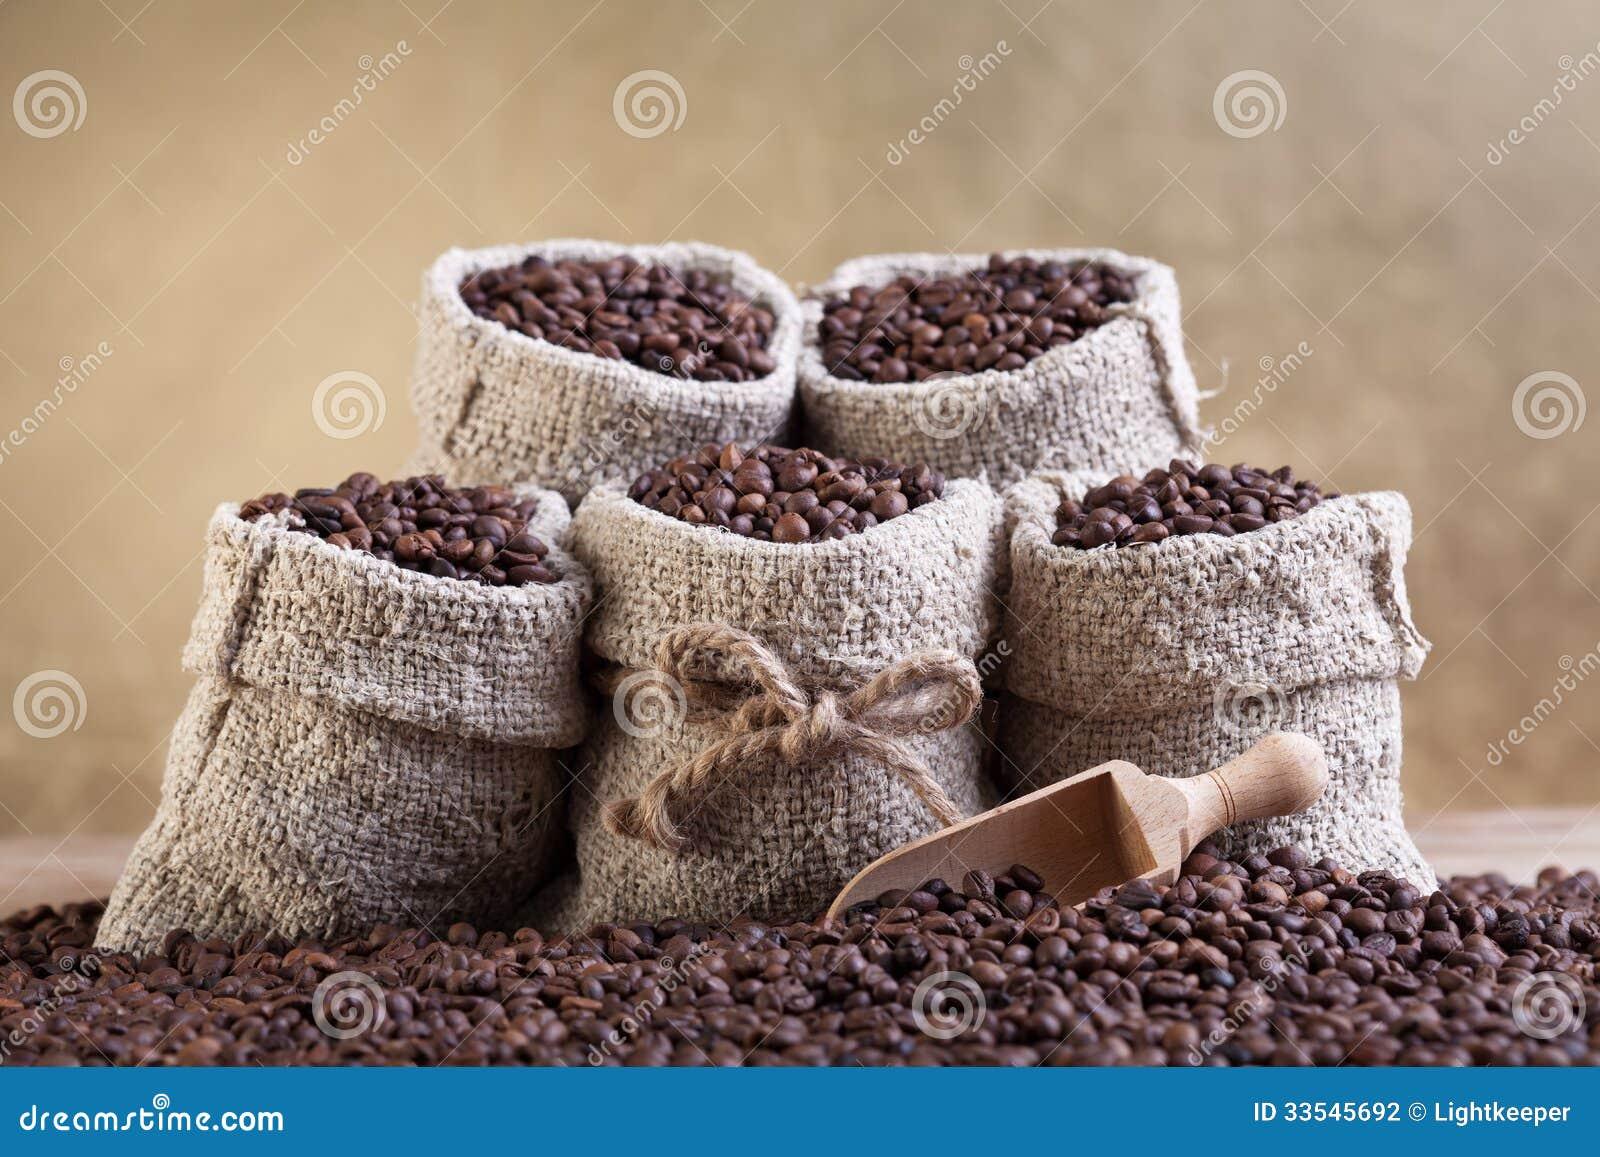 Extrêmement Grains De Café Rôtis Dans De Petits Sacs De Toile De Jute  YP21